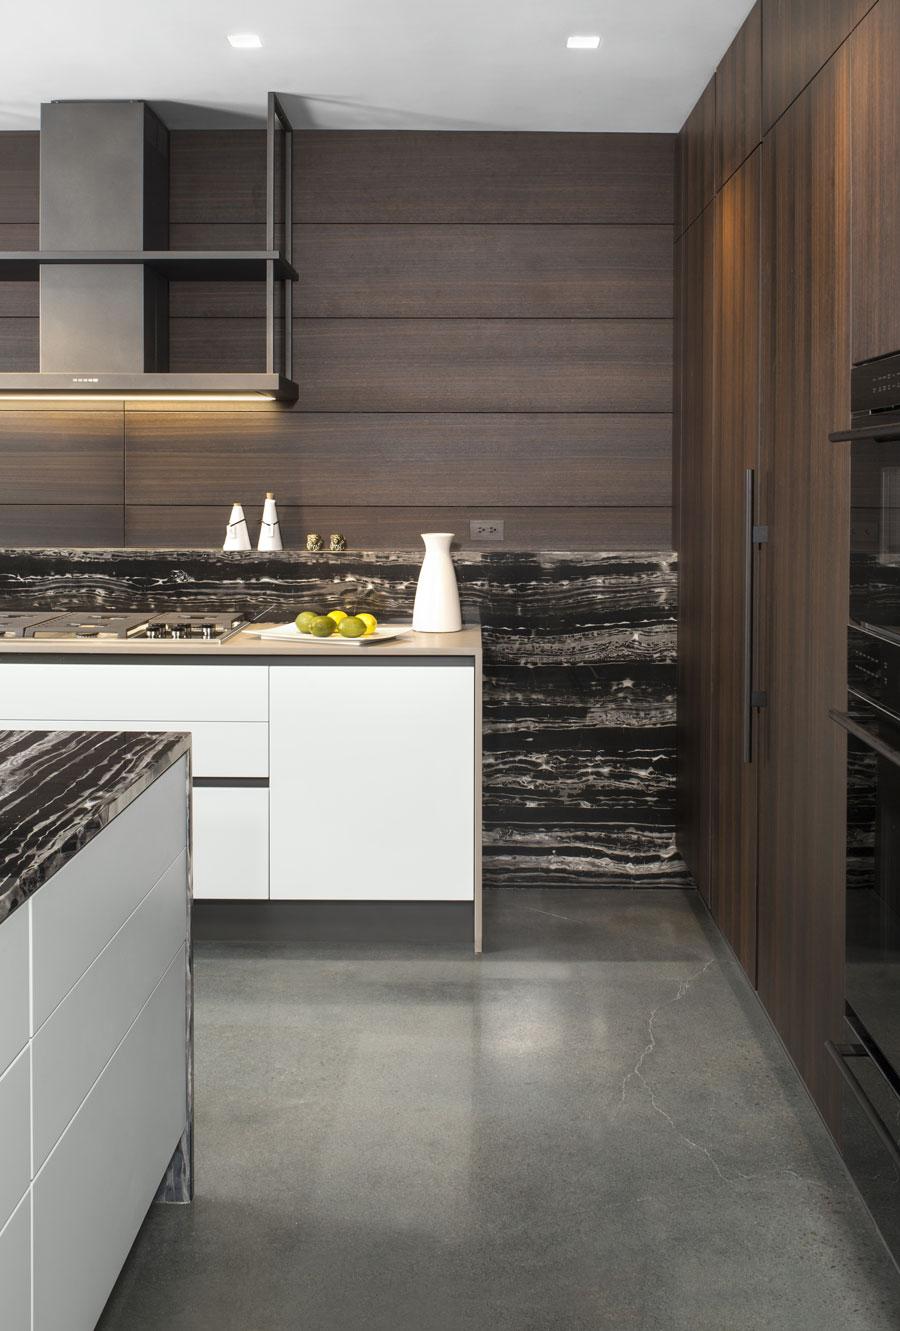 Exquisite Kitchen Design. Aurum Home Technology  Exquisite Kitchen Design Portfolio